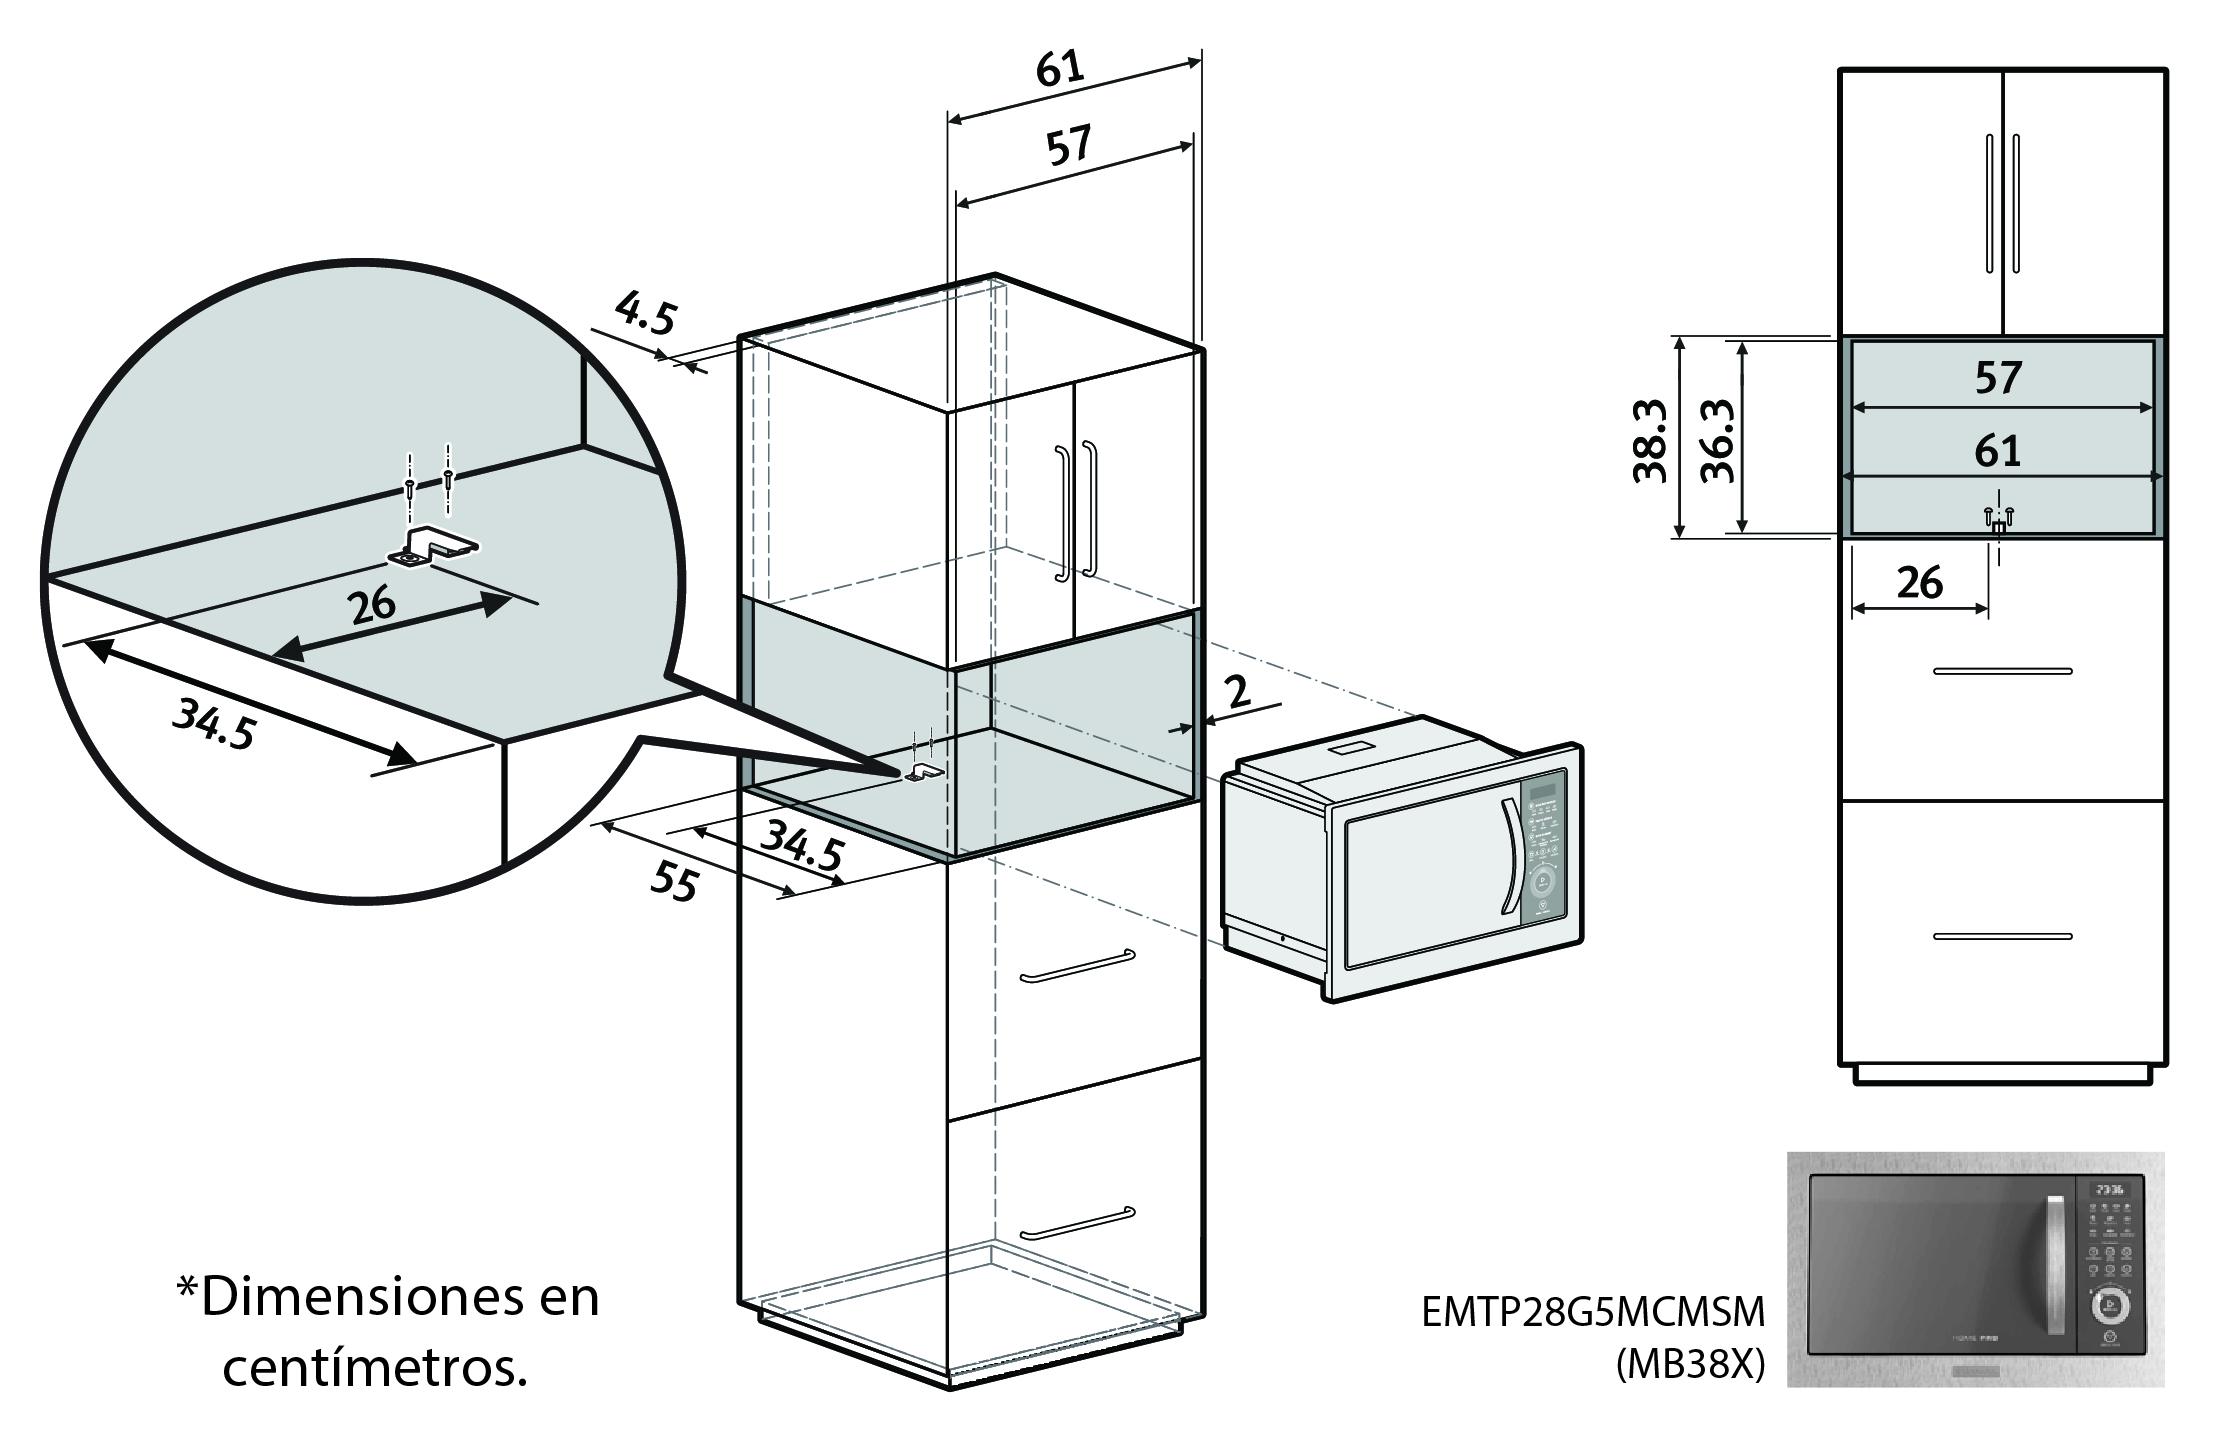 extracto recomendaciones istalacion microondas electrolux